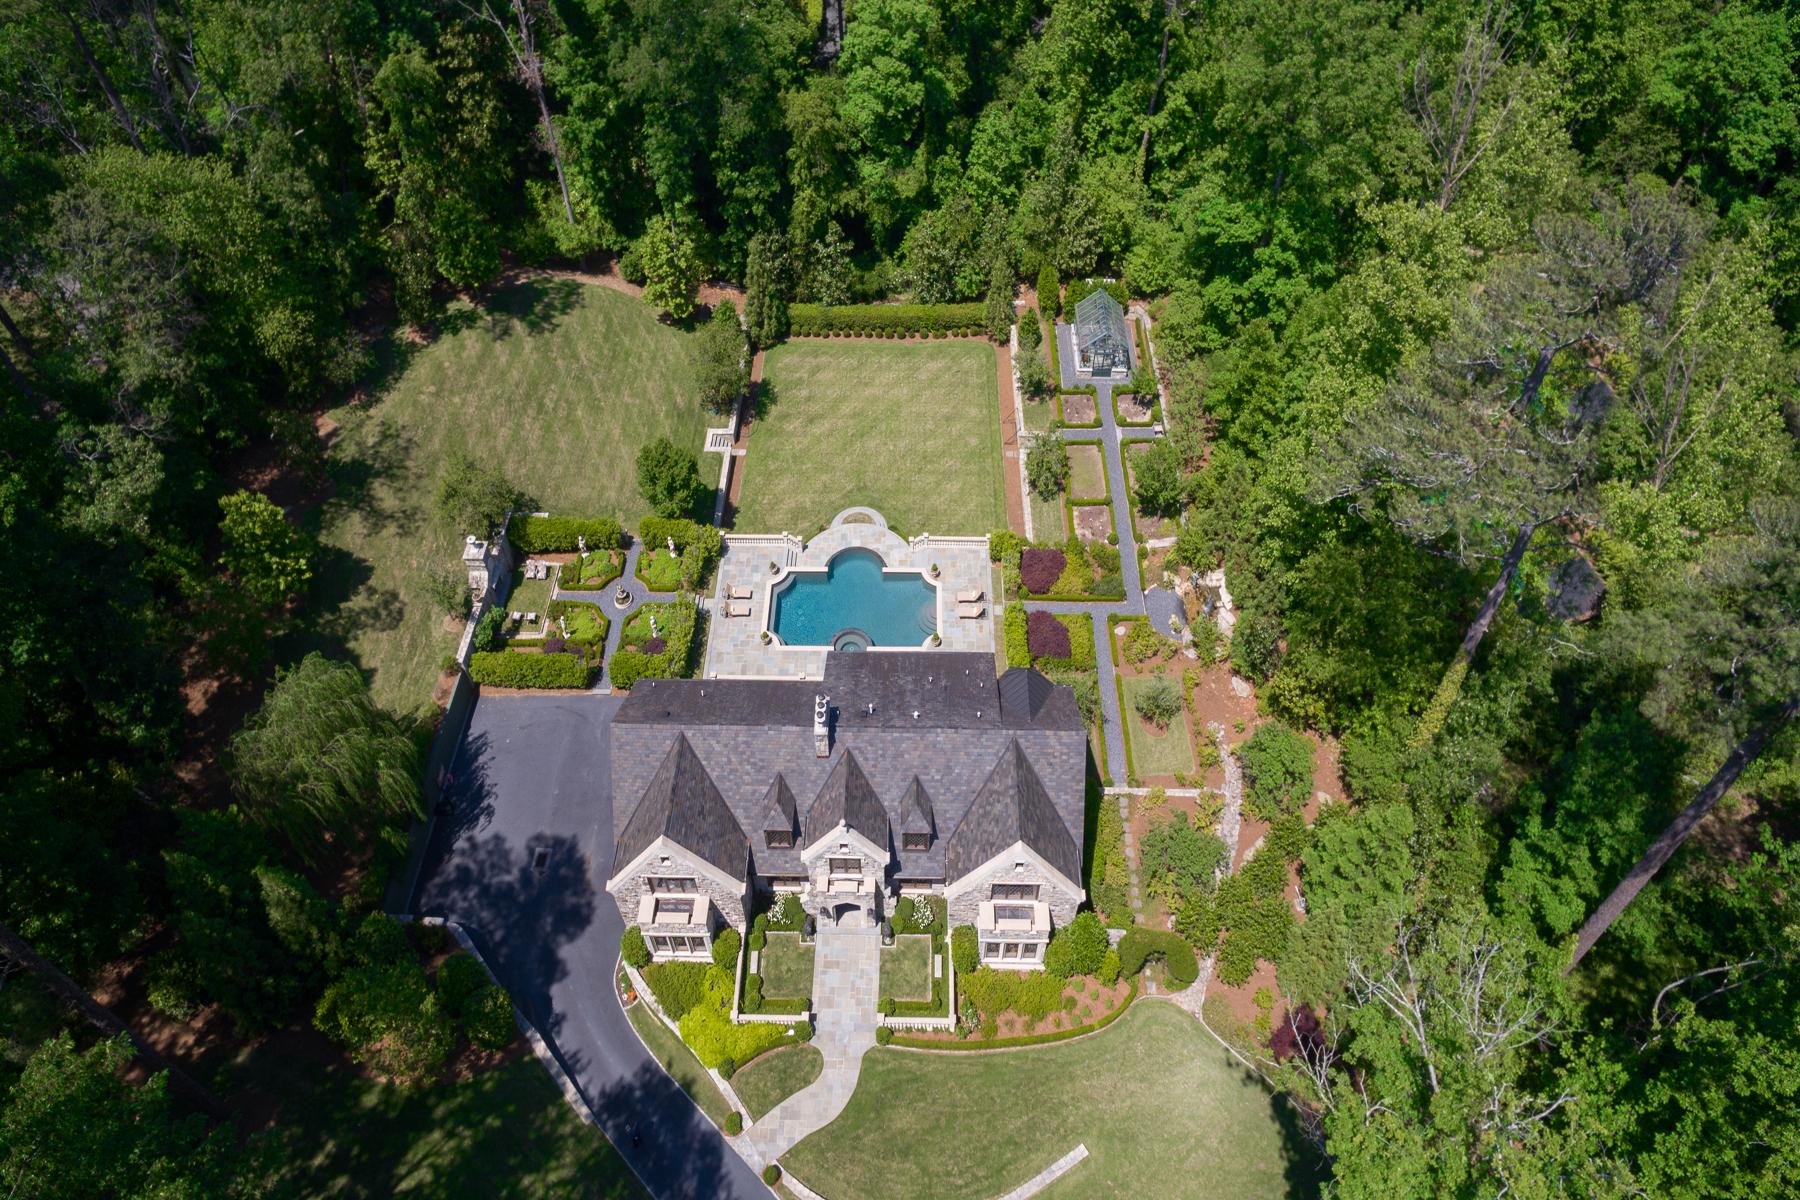 Maison unifamiliale pour l Vente à Magnificent Stone European Estate Home On Over Two Acres 1919 River Forest Road NW Buckhead, Atlanta, Georgia, 30327 États-Unis